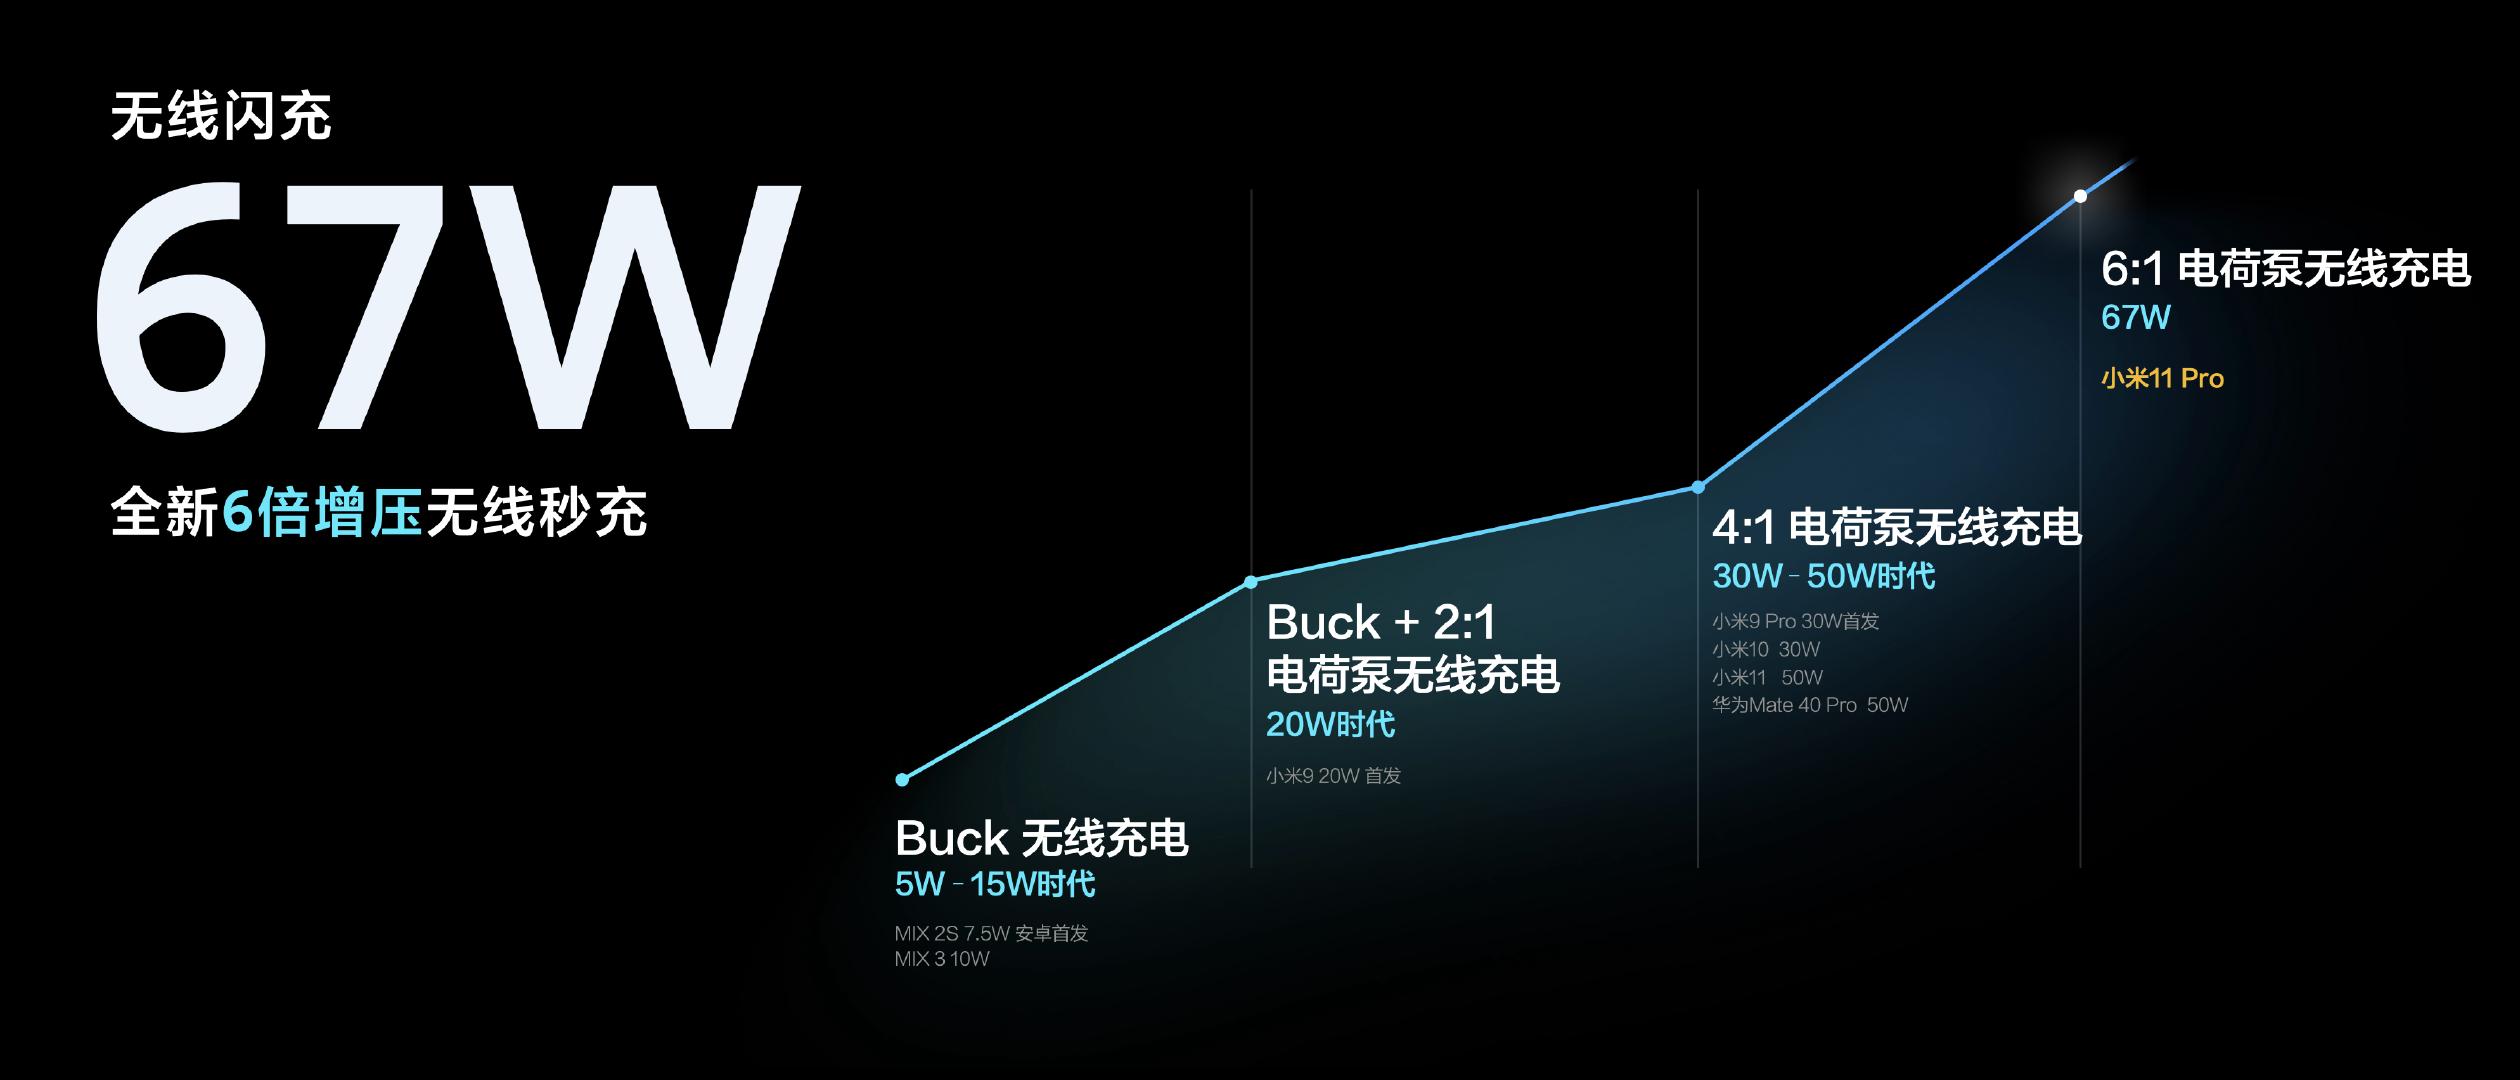 小米67W无线秒充详解:功率首次同步 充电零时差